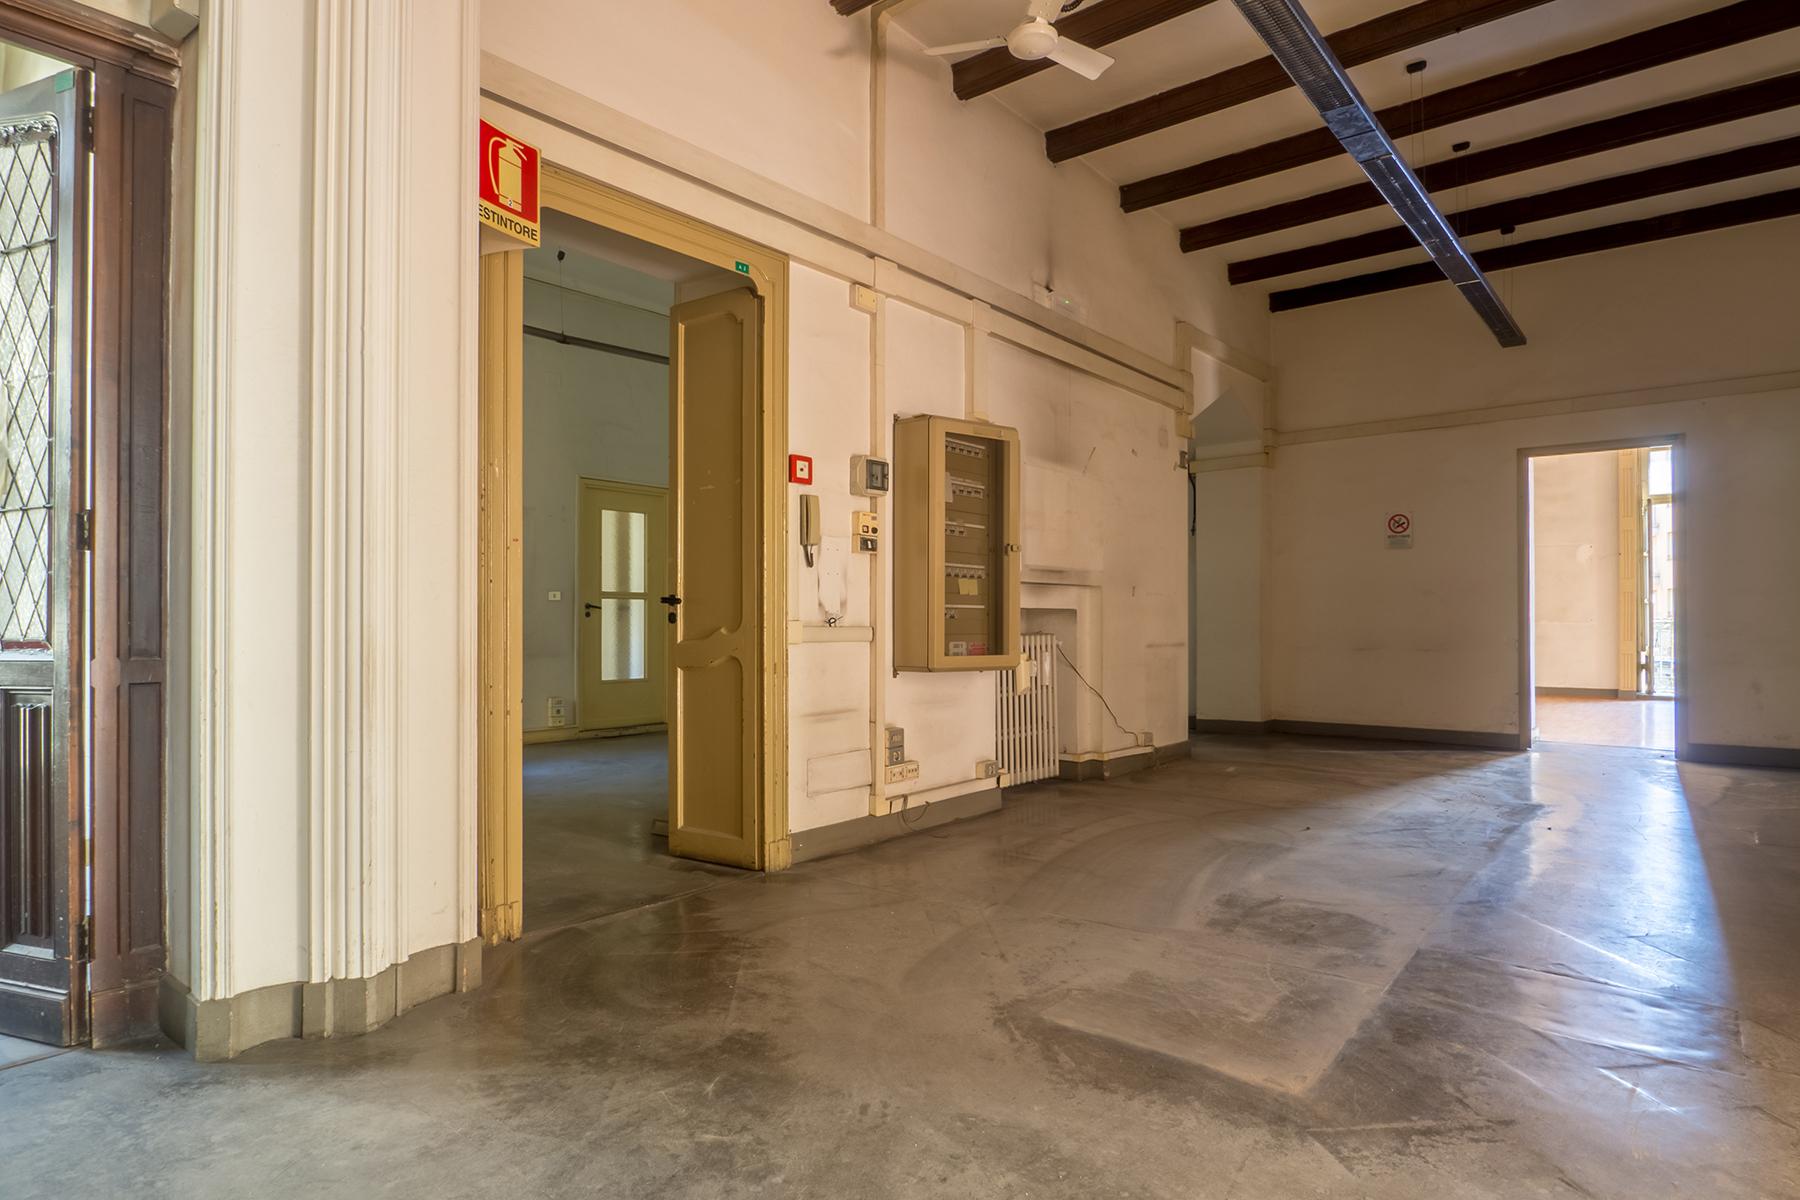 Ufficio-studio in Affitto a Torino: 5 locali, 676 mq - Foto 11